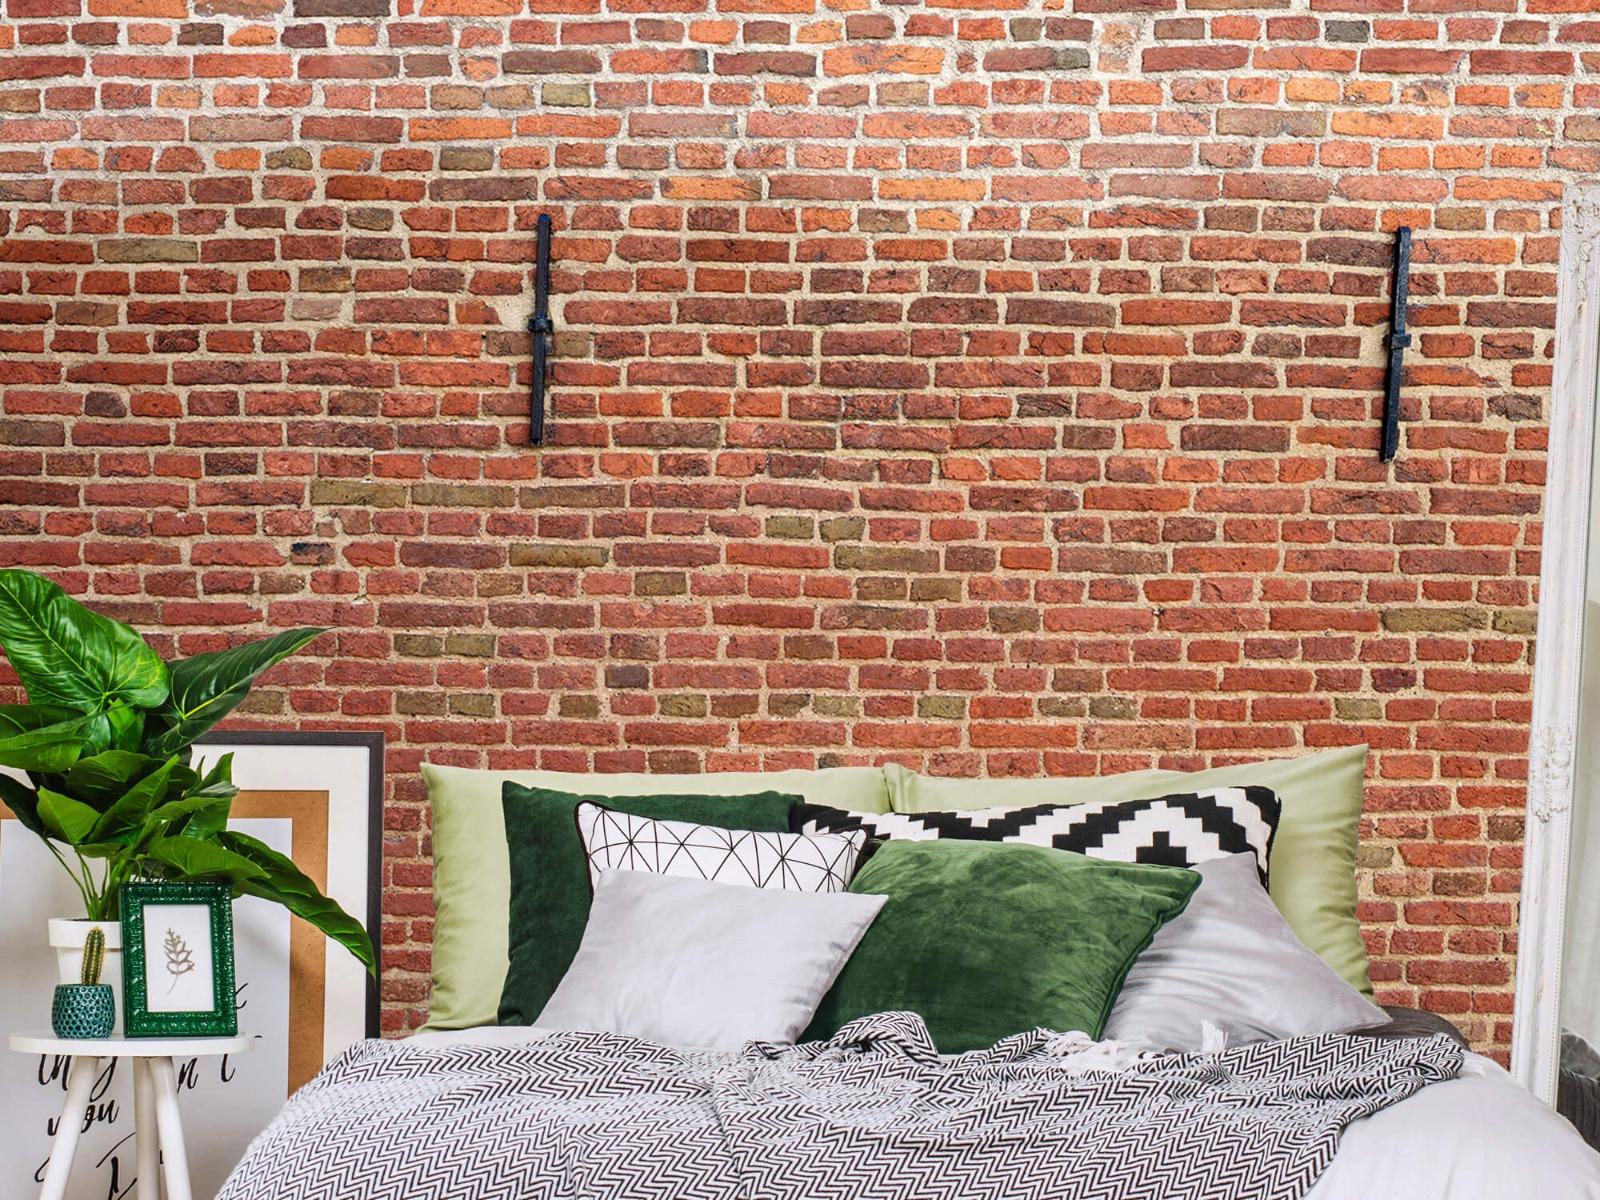 Stenen - Stadsmuur met muurankers 12